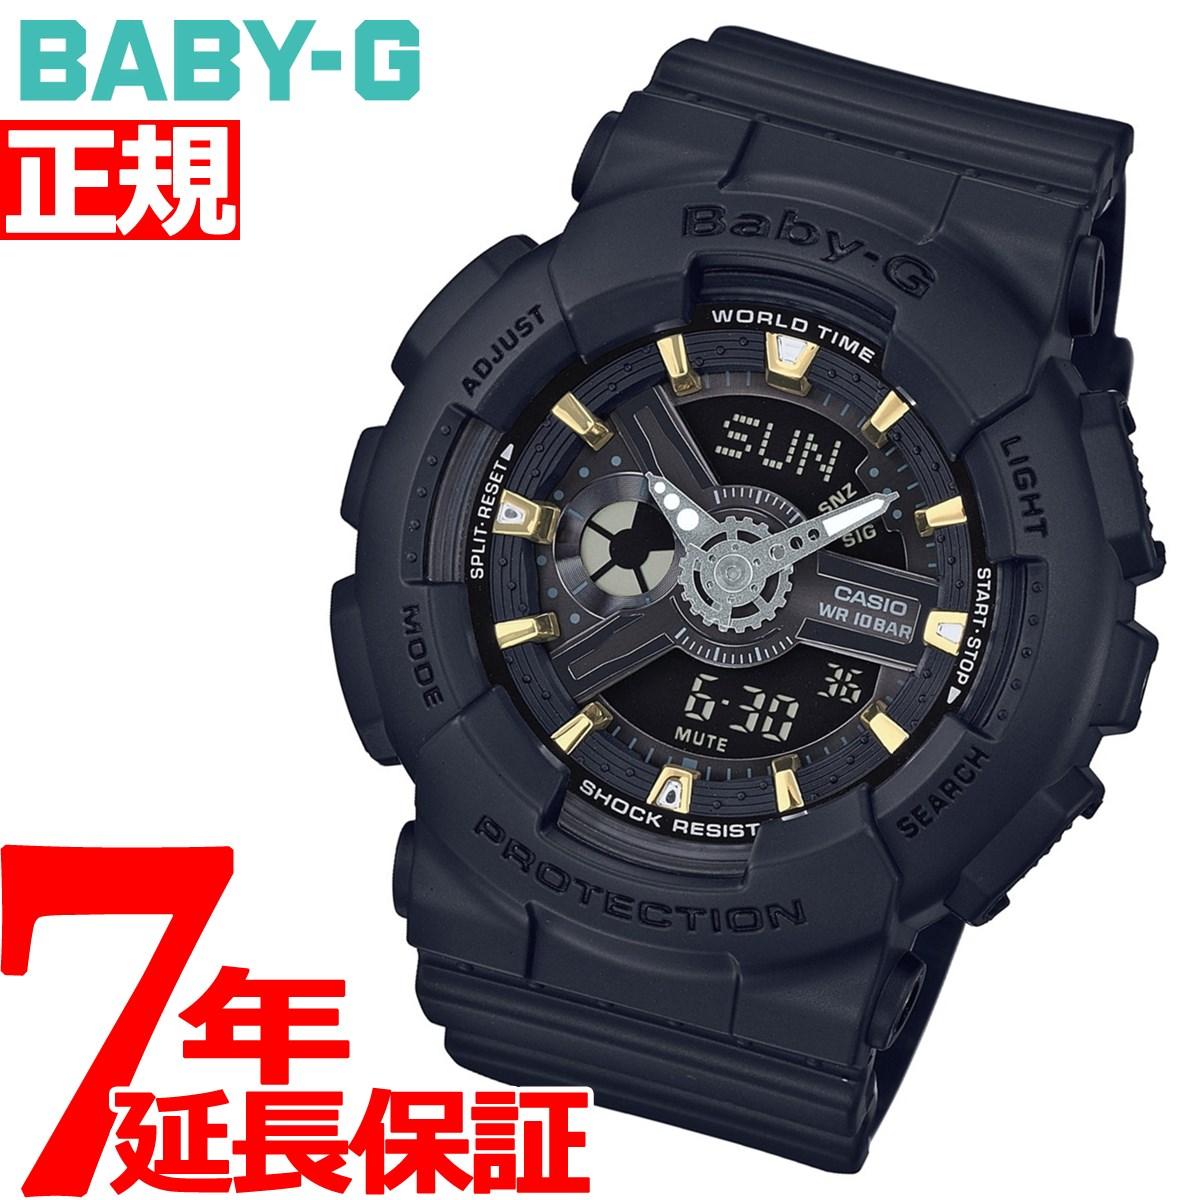 【お買い物マラソンは当店がお得♪本日20より!】CASIO BABY-G カシオ ベビーG 腕時計 レディース ブラック アナデジ BA-110GA-1AJF